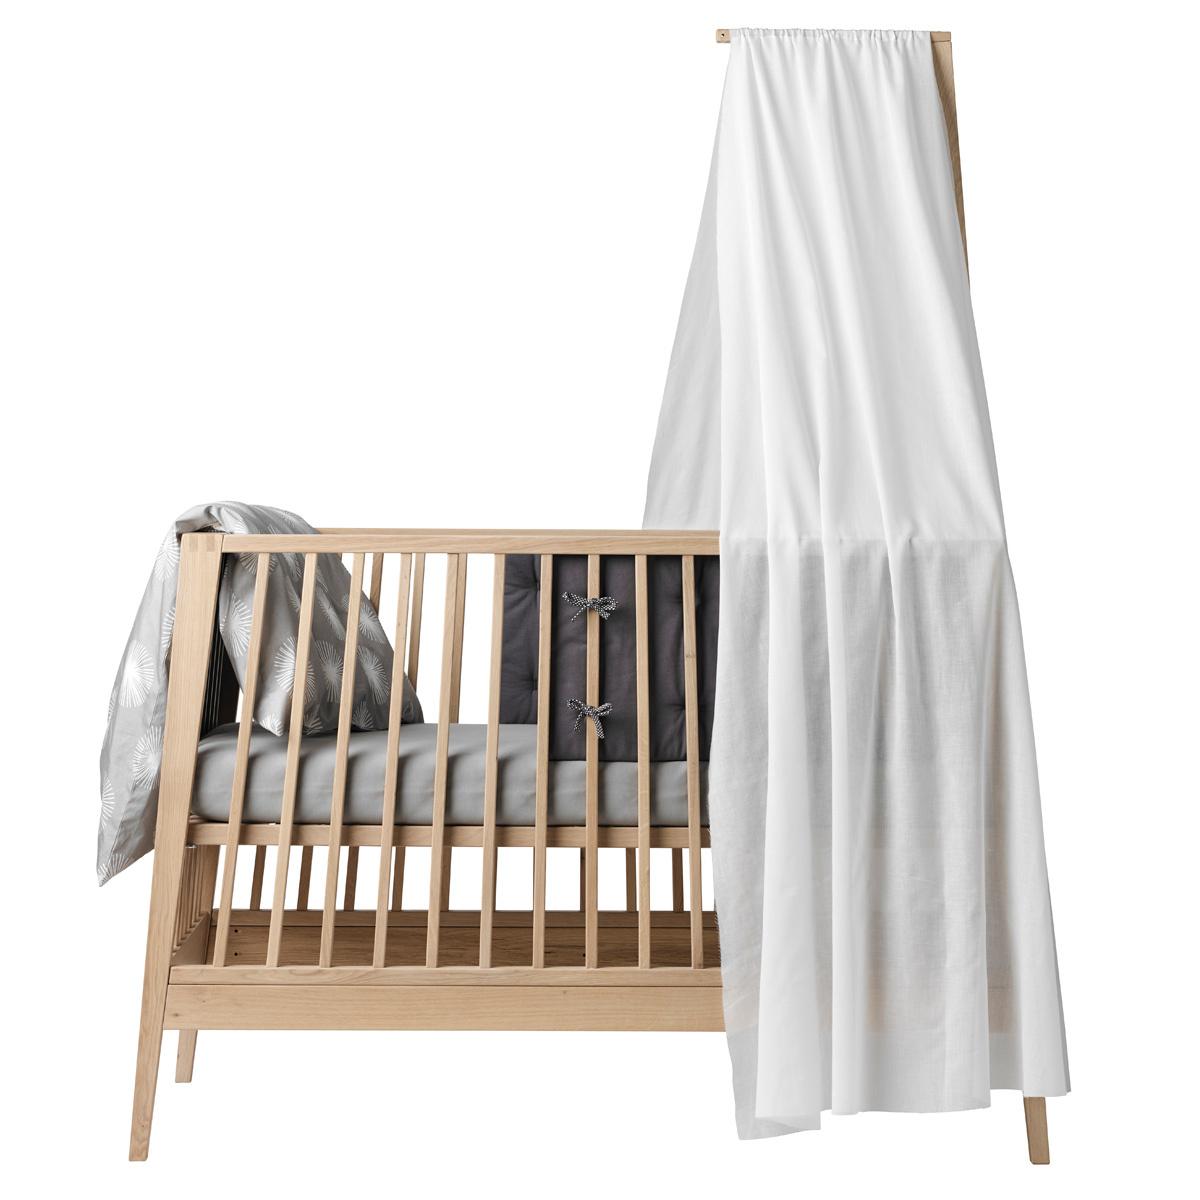 linea linge de lit Leander Voile de lit bébé Linea   Blanc   Linge de lit Leander sur  linea linge de lit